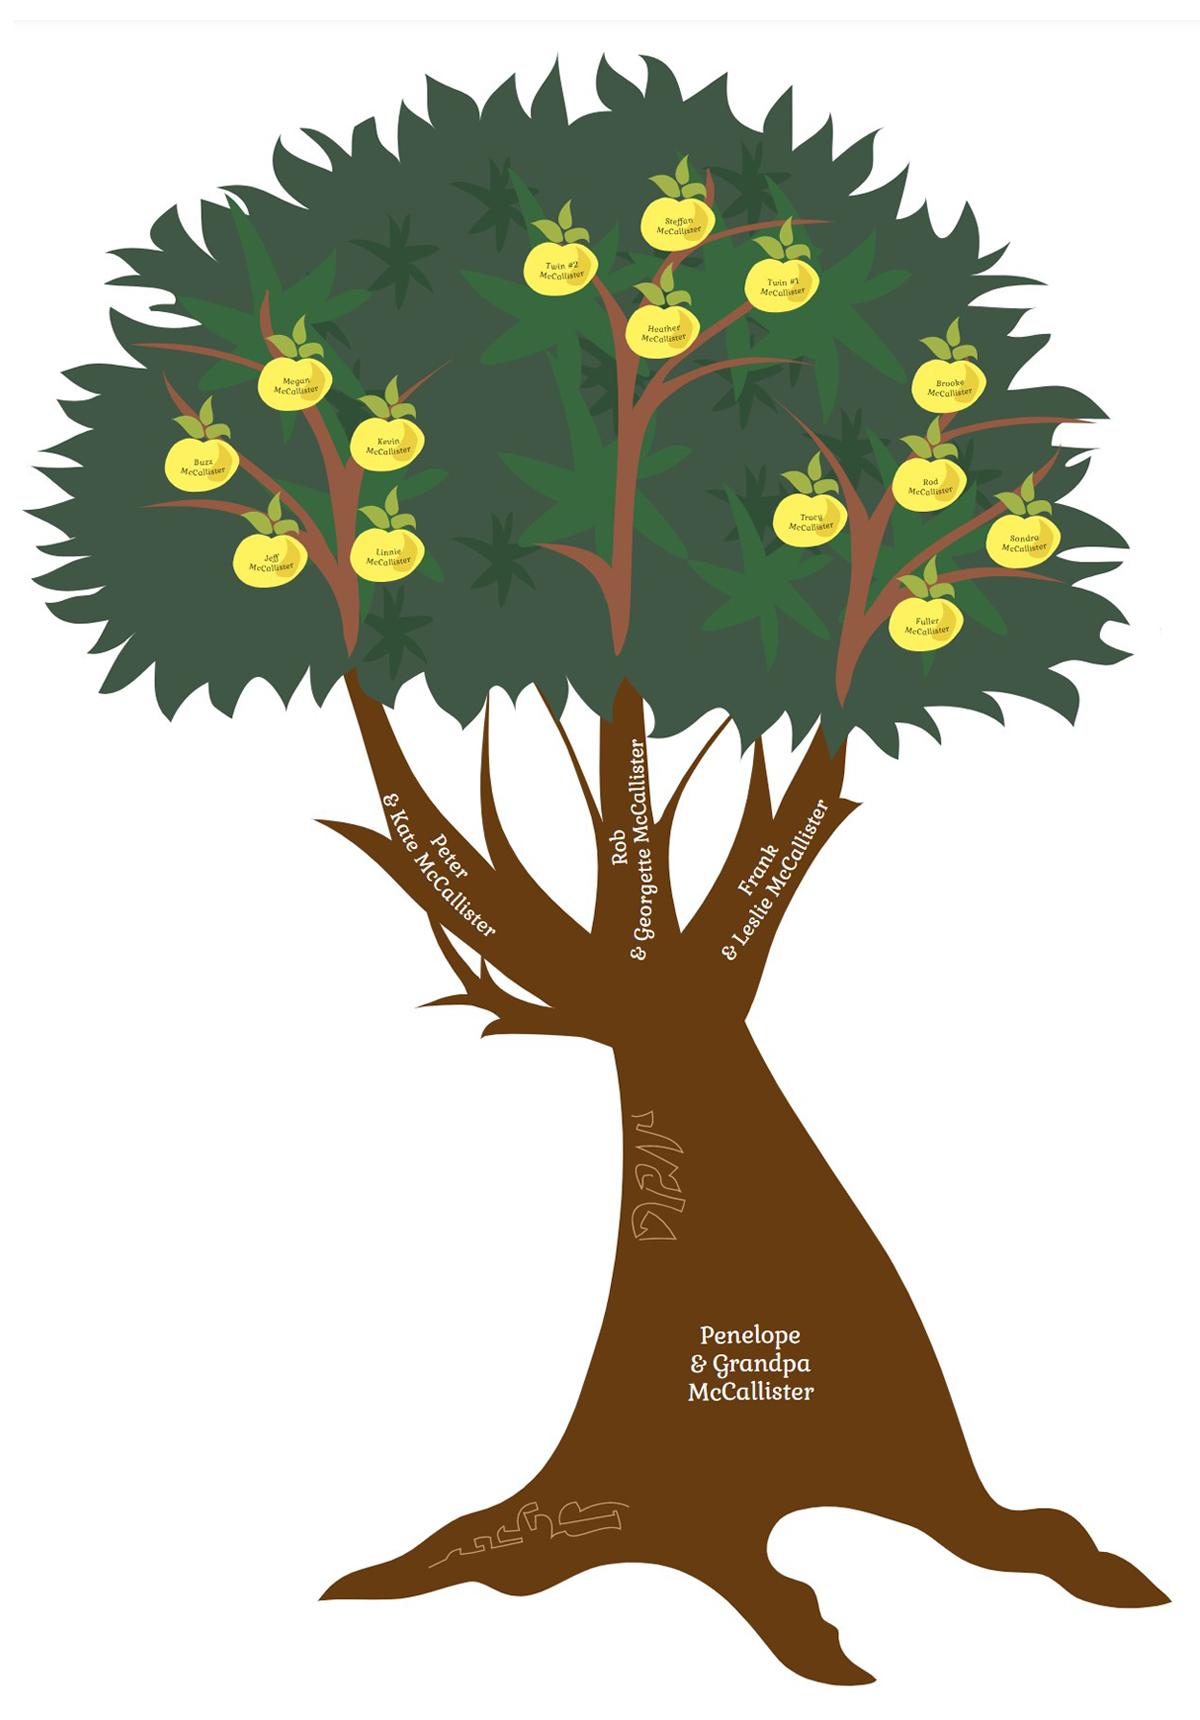 McCallister family tree